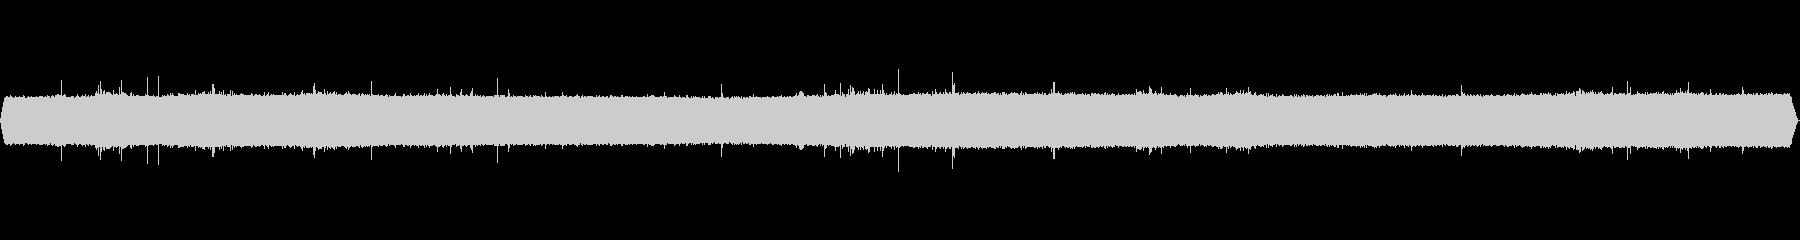 3分間のザーザーの激しいゲリラ豪雨音の未再生の波形